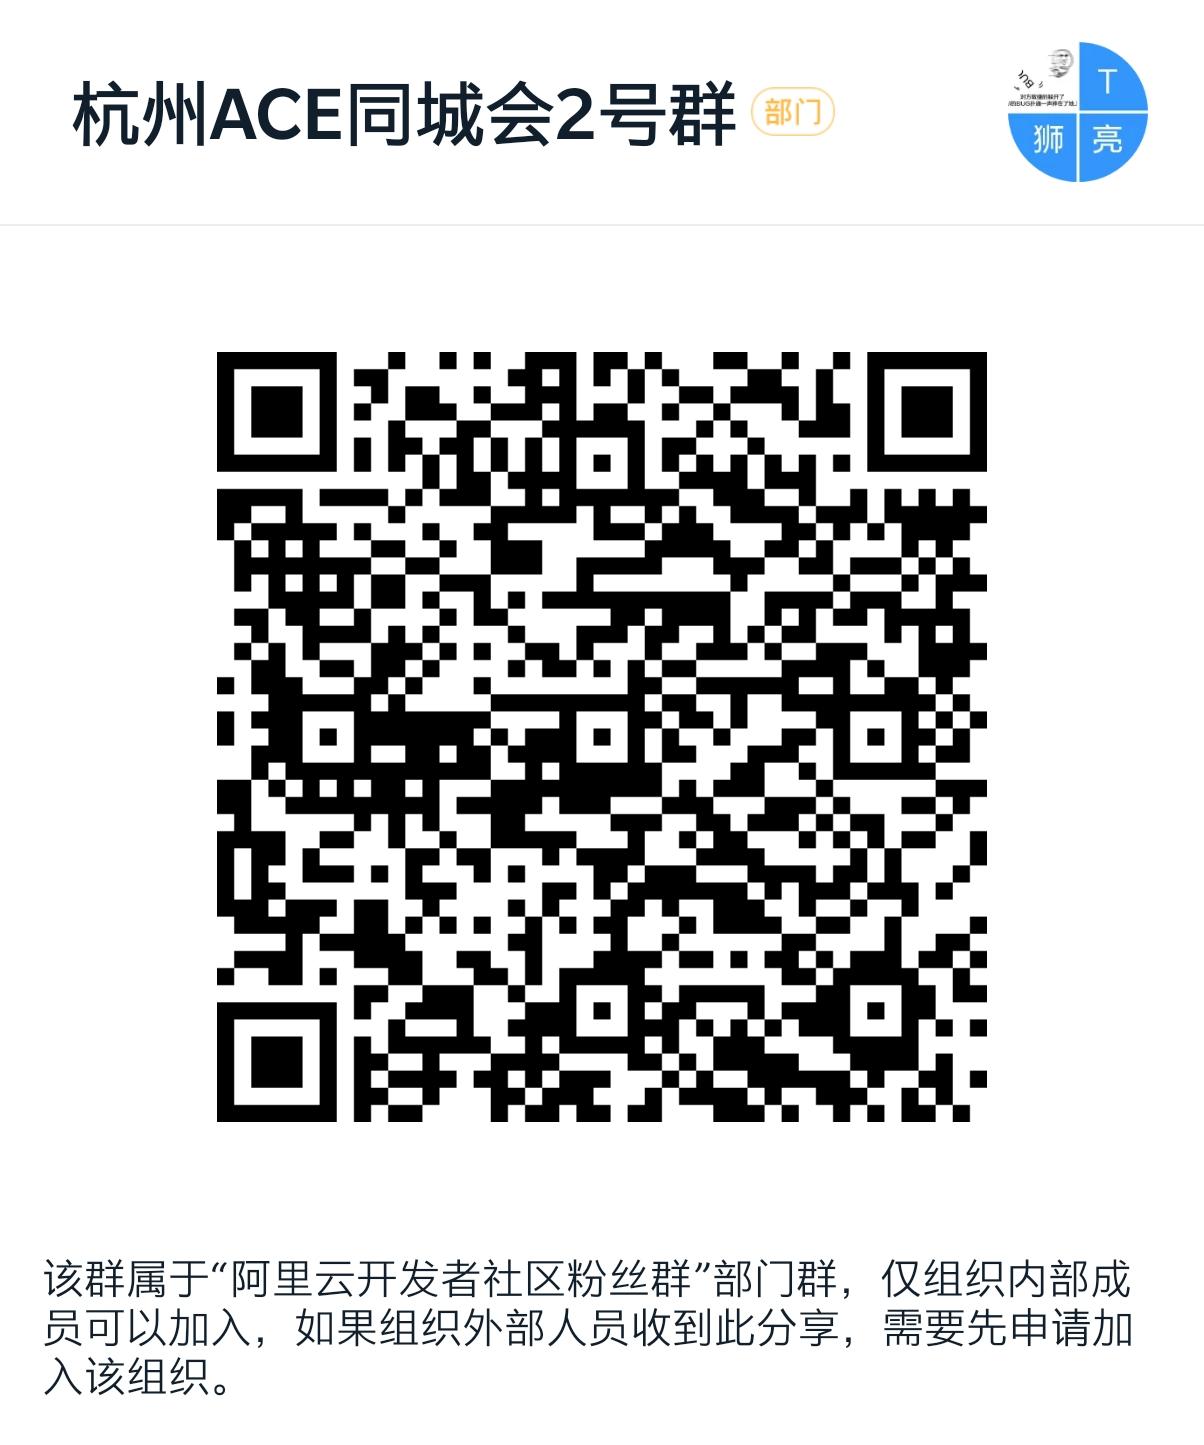 20200603214839102.jpg